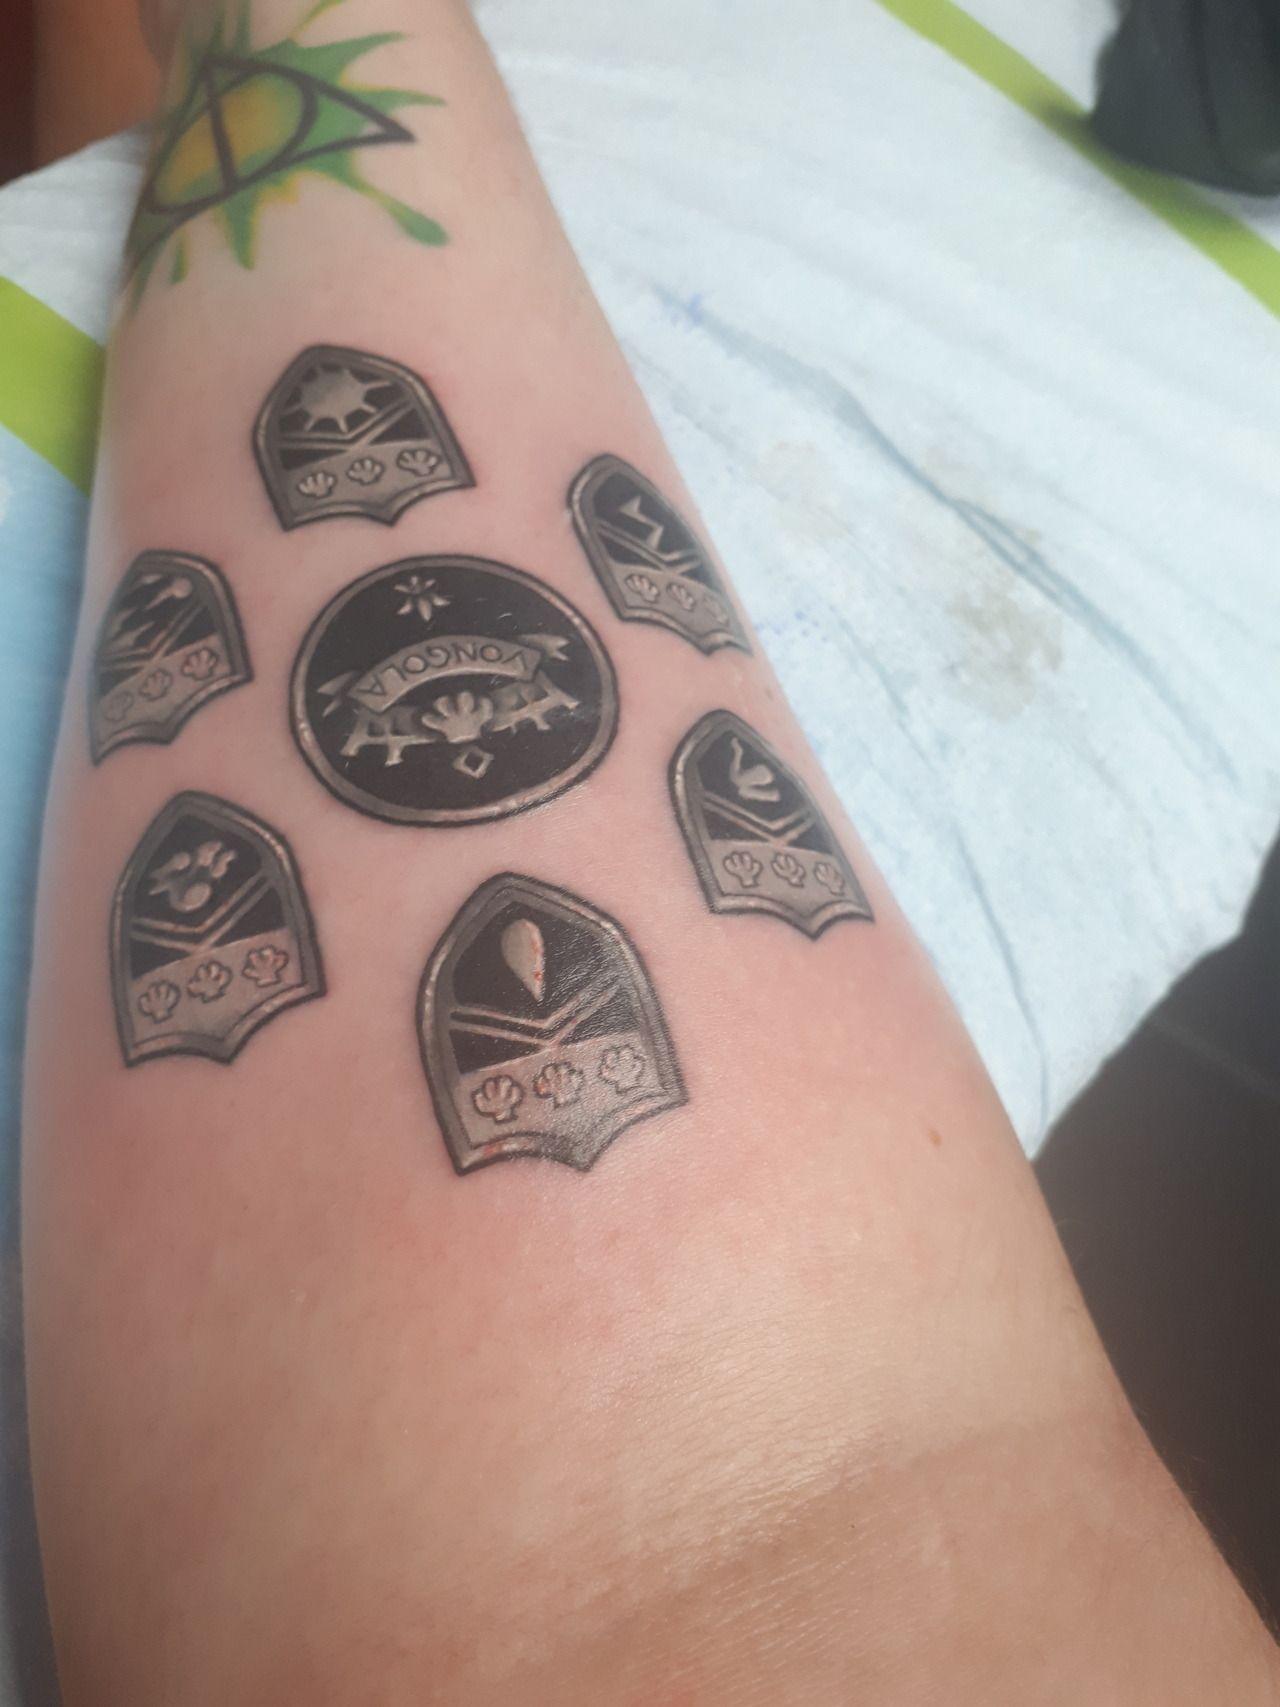 Vongola Rings Tattoo In 2020 Reborn Tattoo Tattoos Ring Tattoos